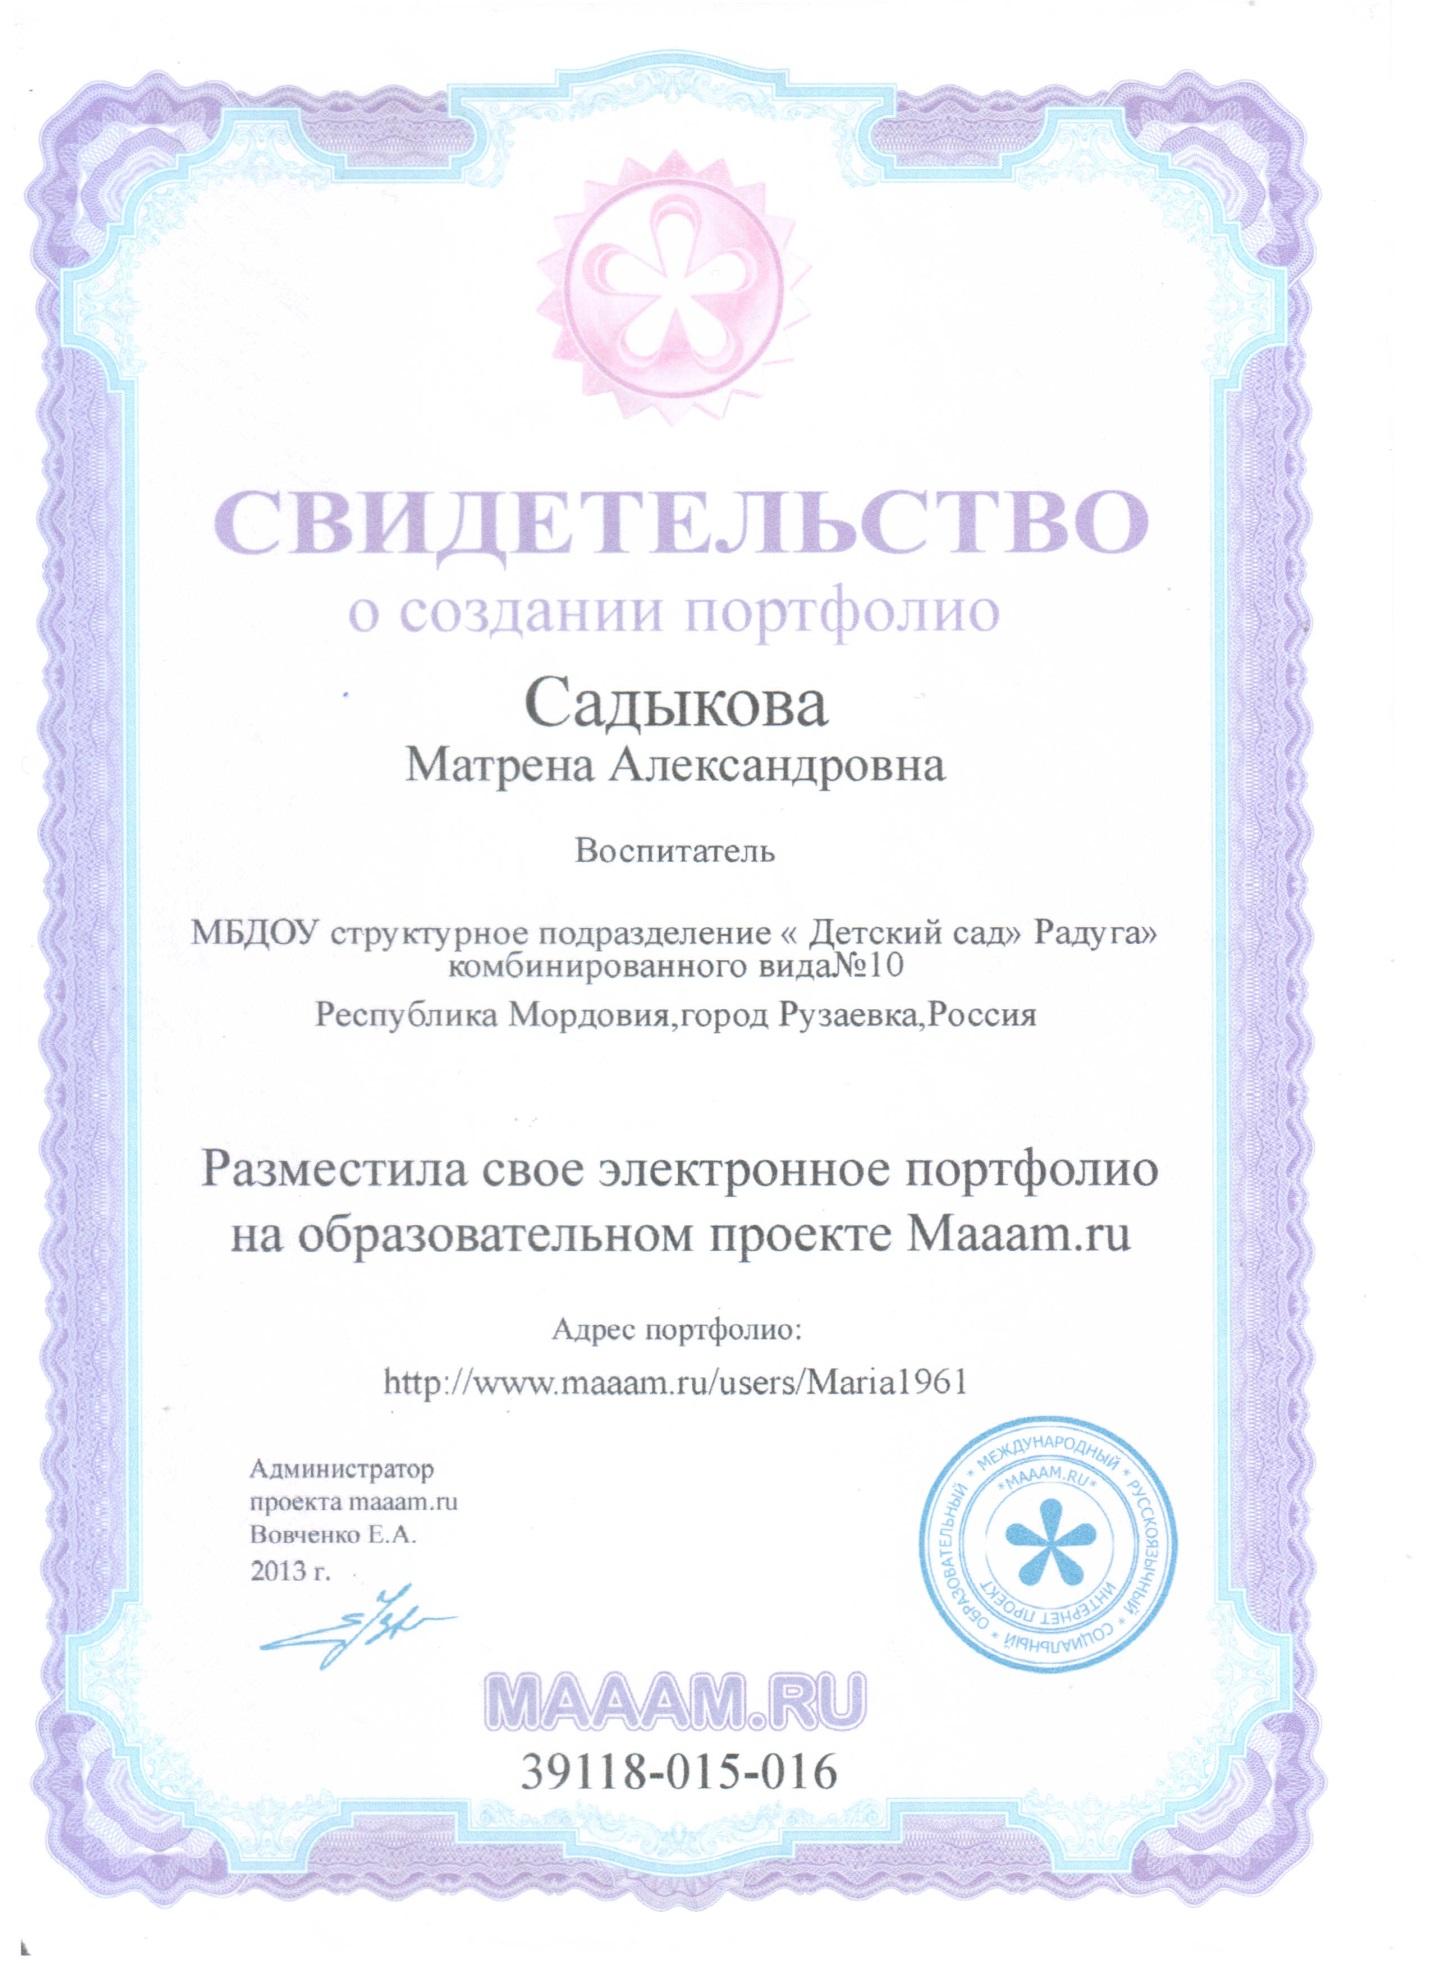 C:\Users\Гизар\Desktop\грамоты\.грамота садыкова маам2_000.jpg